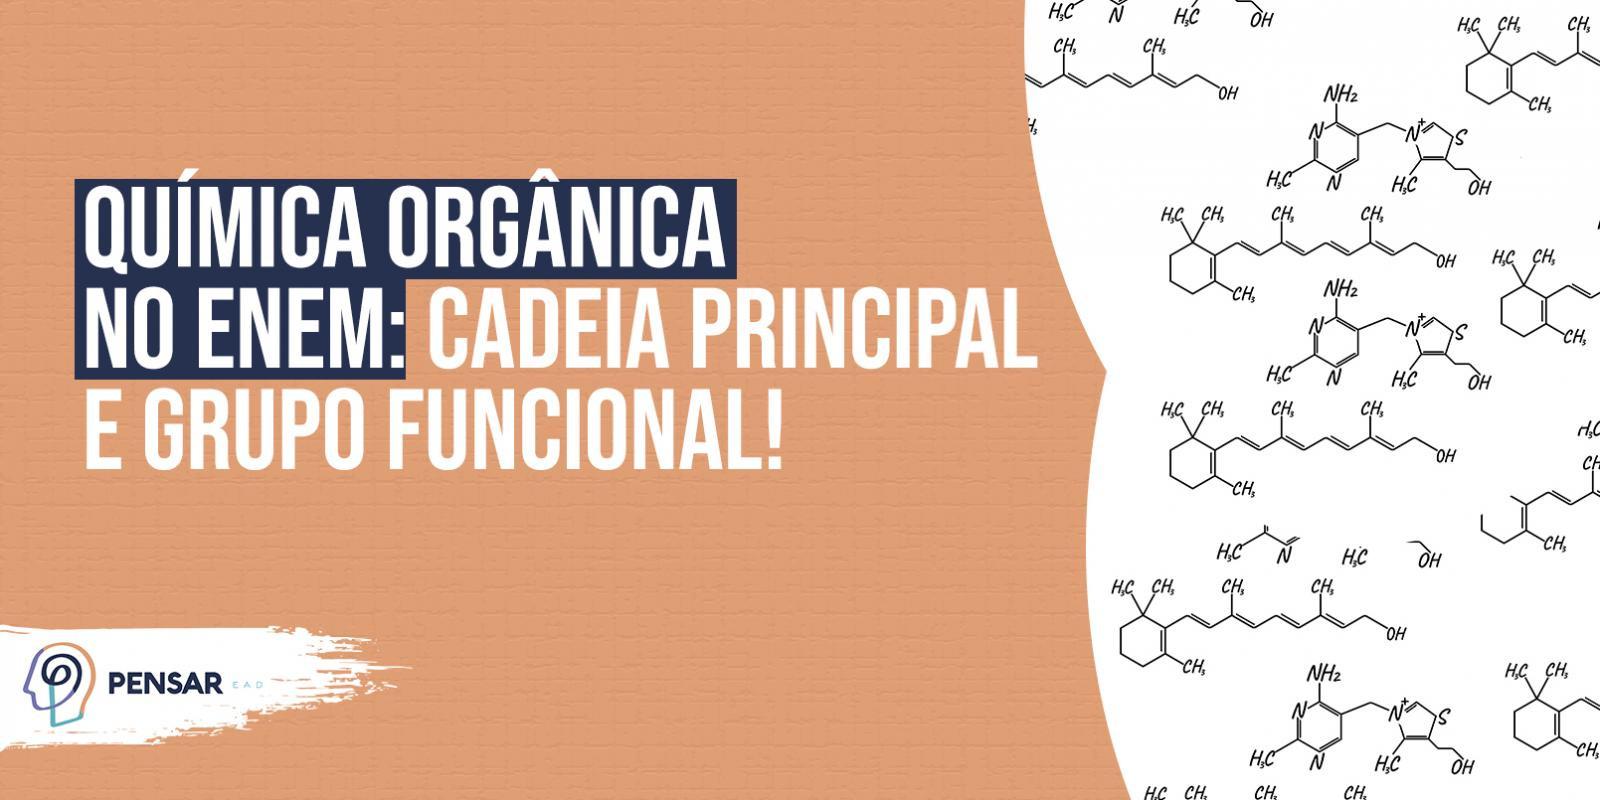 Química Orgânica no ENEM: cadeia principal e grupo funcional!